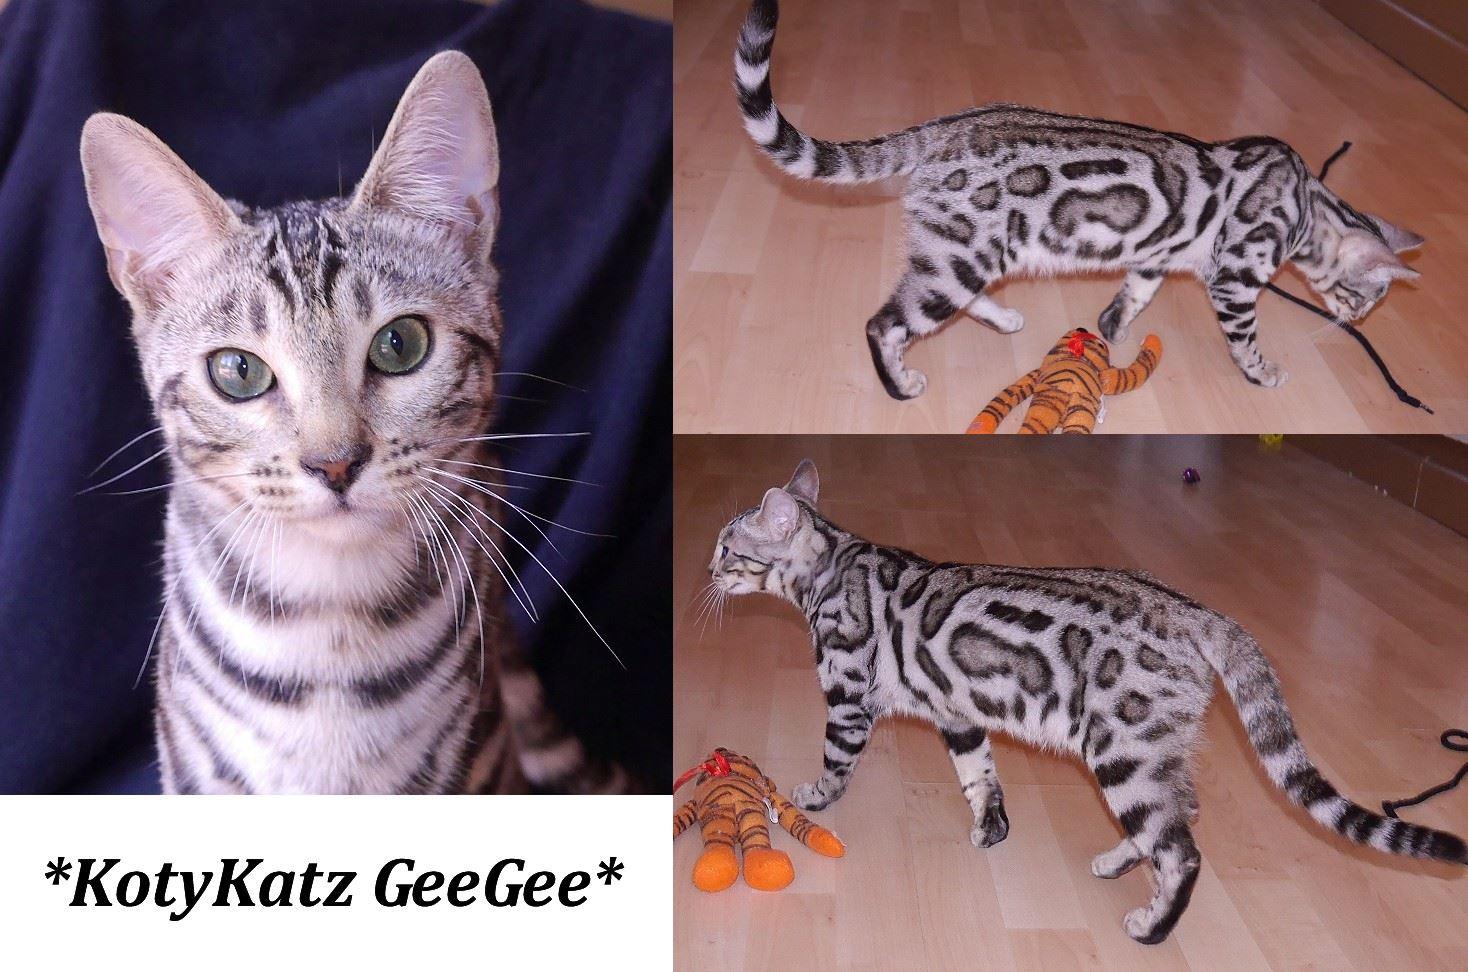 KotyKatz GeeGee